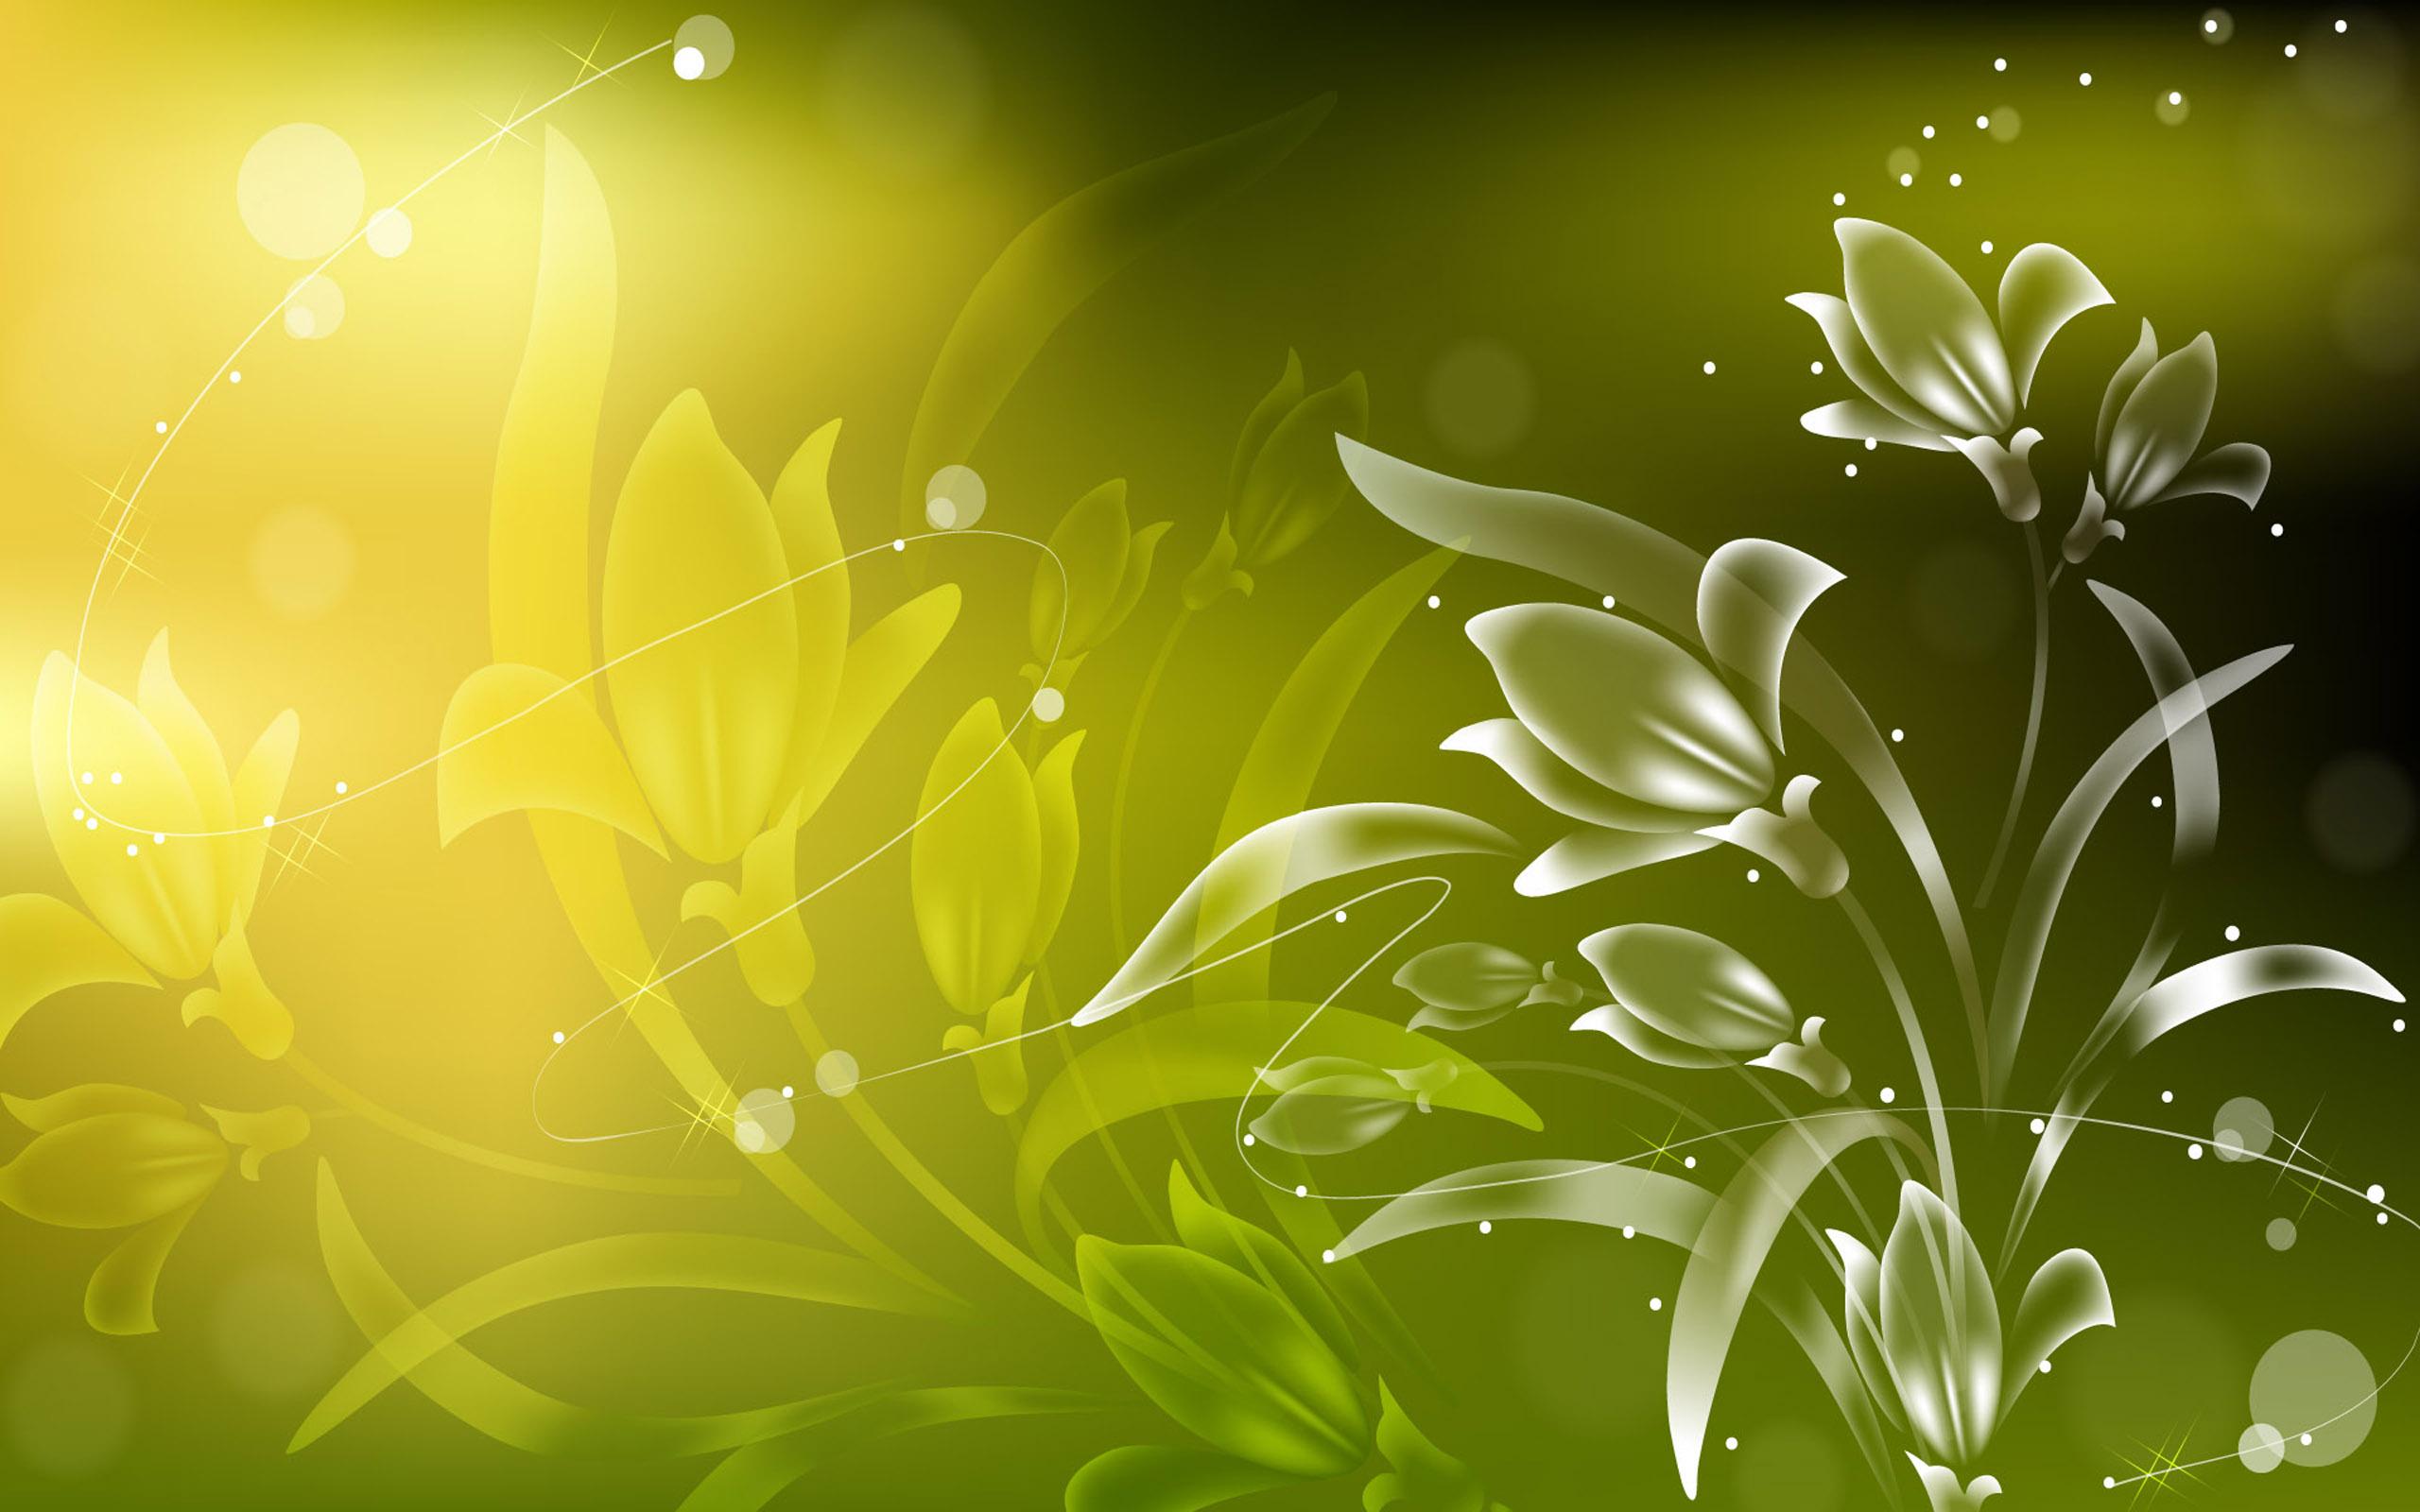 природа цветы графика nature flowers graphics загрузить